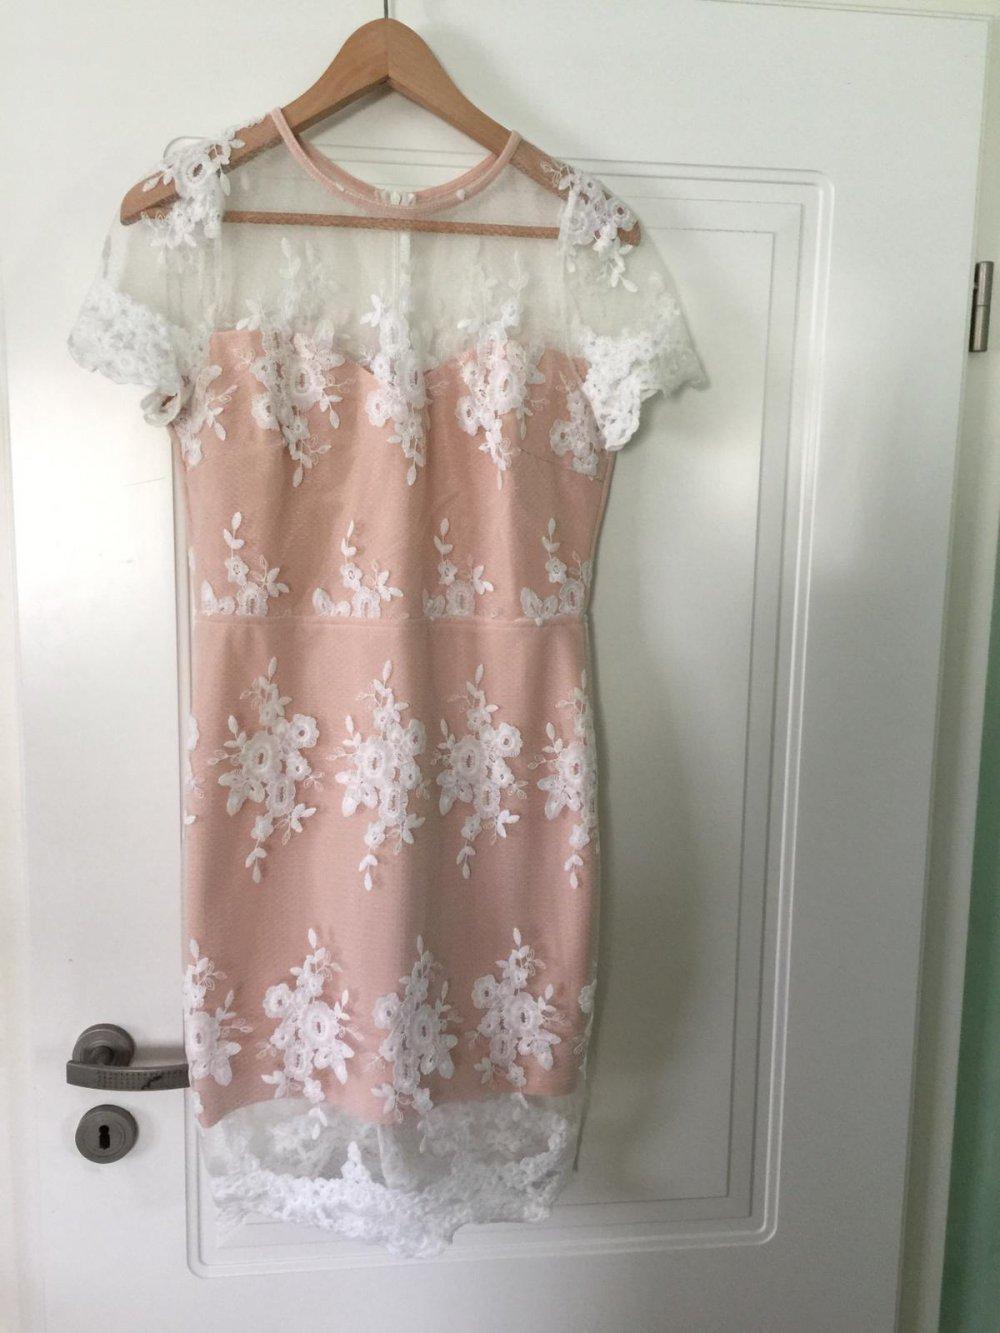 P&C - Abschlusskleid :: Kleiderkorb.ch